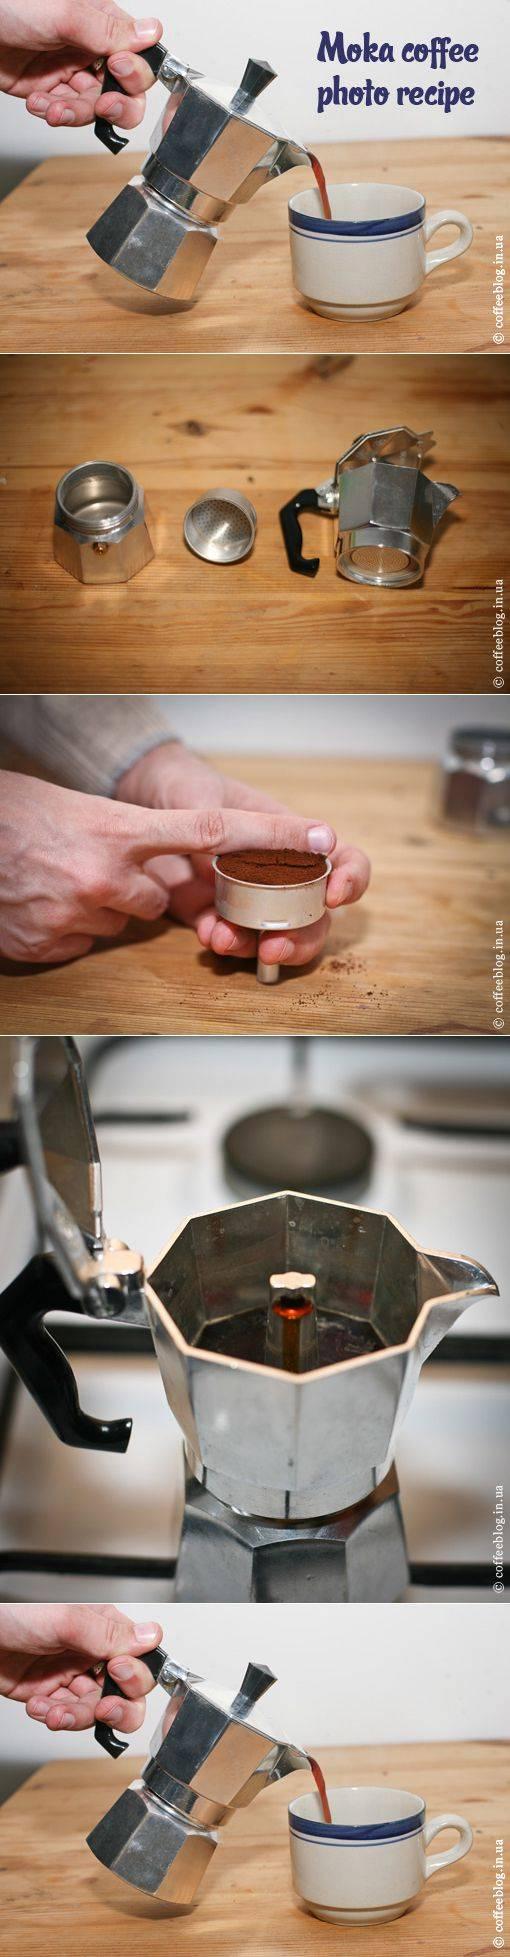 Как варить кофе в гейзерной кофеварке: как правильно пользоваться, приготовление кофе в гейзерной кофеварке, какой нужен помол | domovoda.club